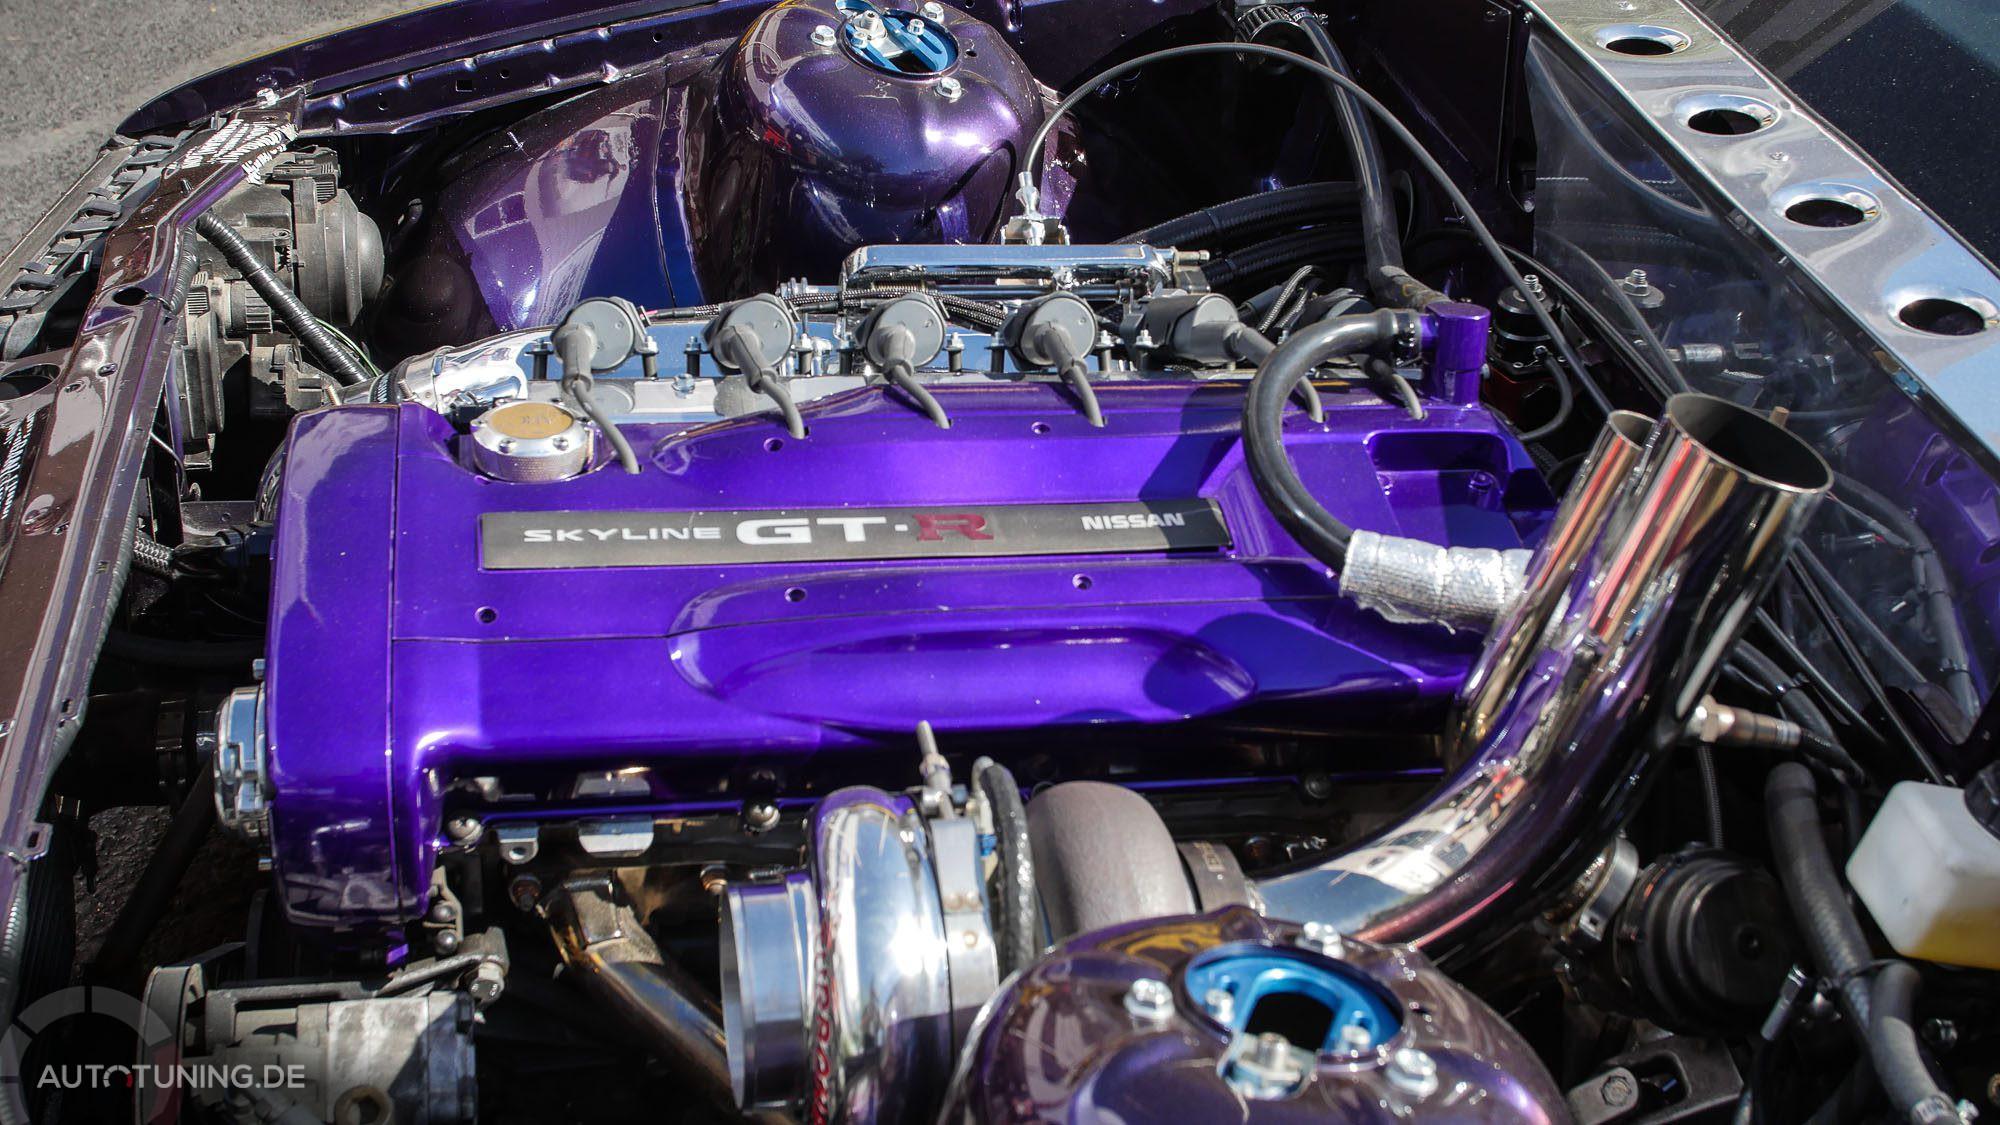 BMW mit Nissan Skyline GT-R Motor